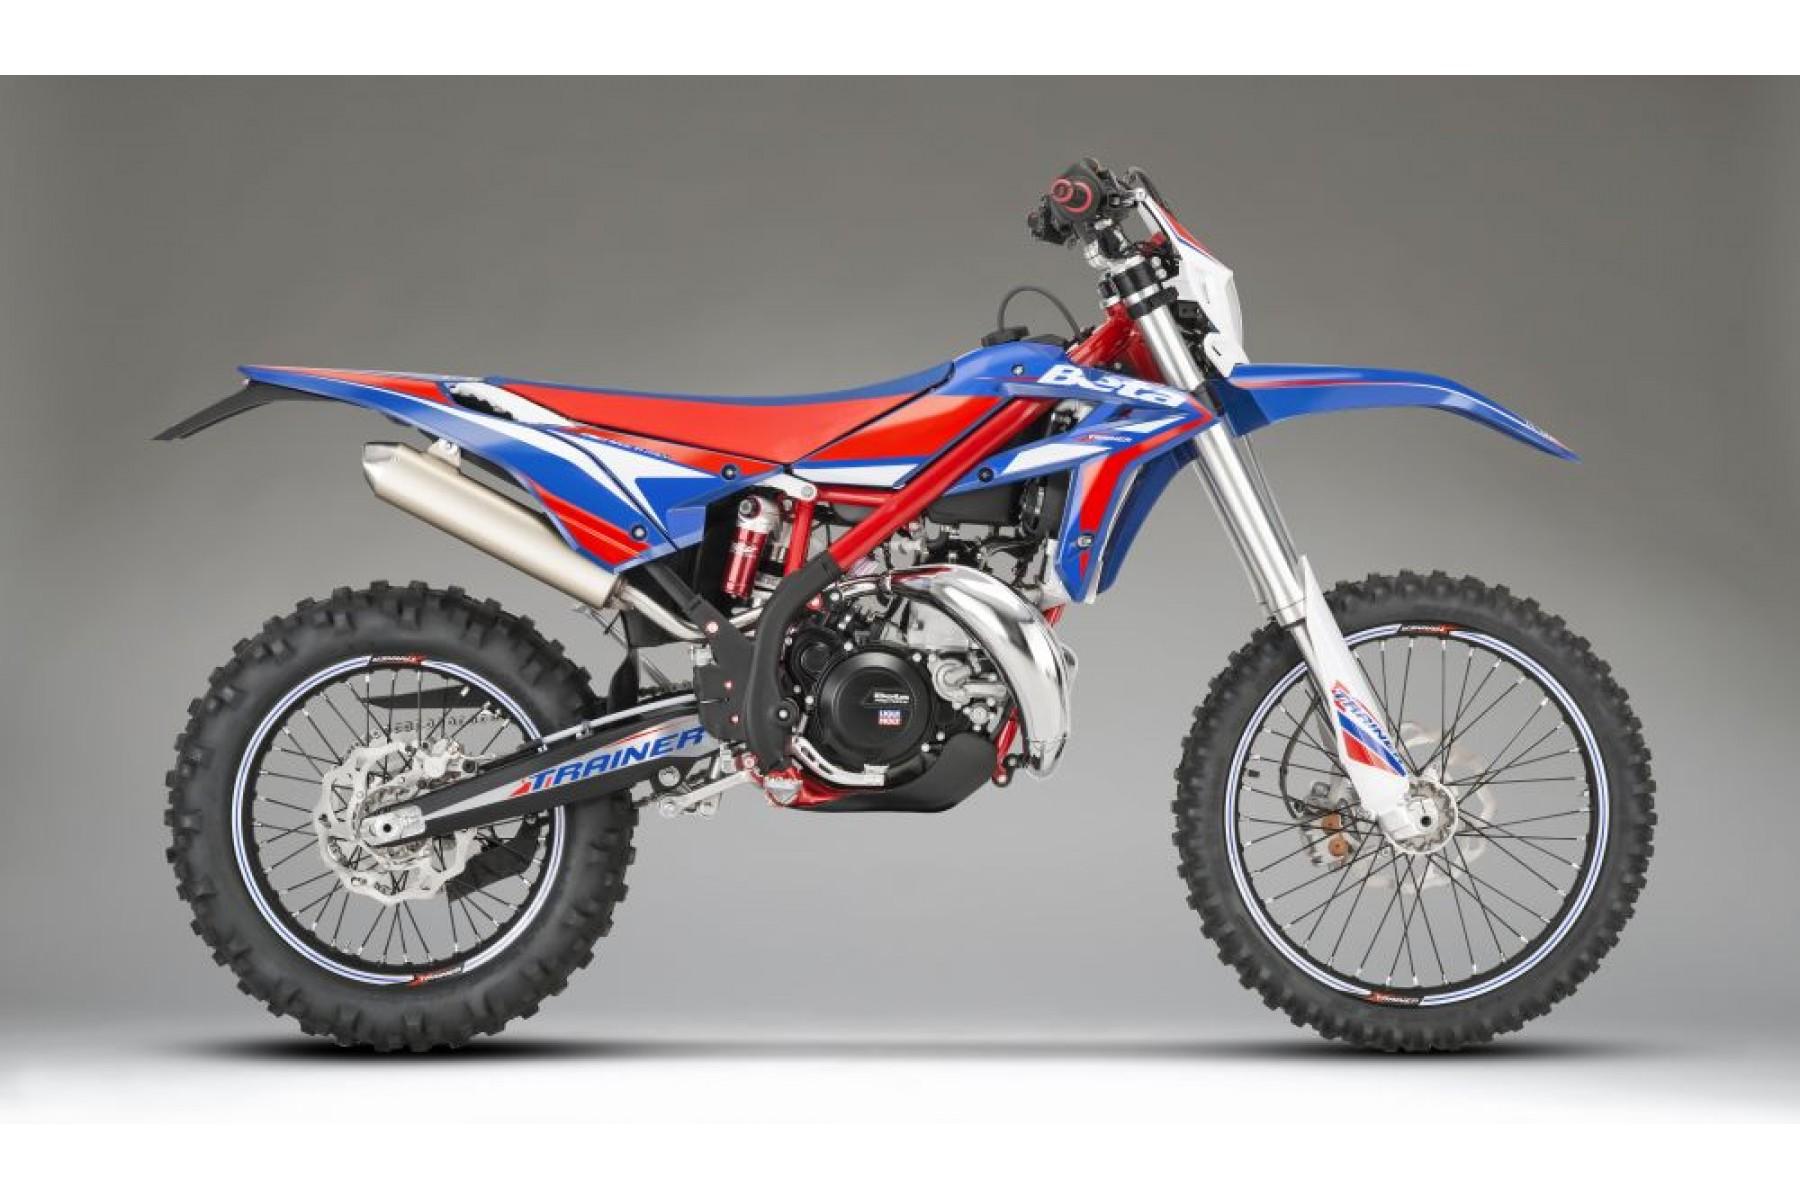 2020 XTRAINER 300